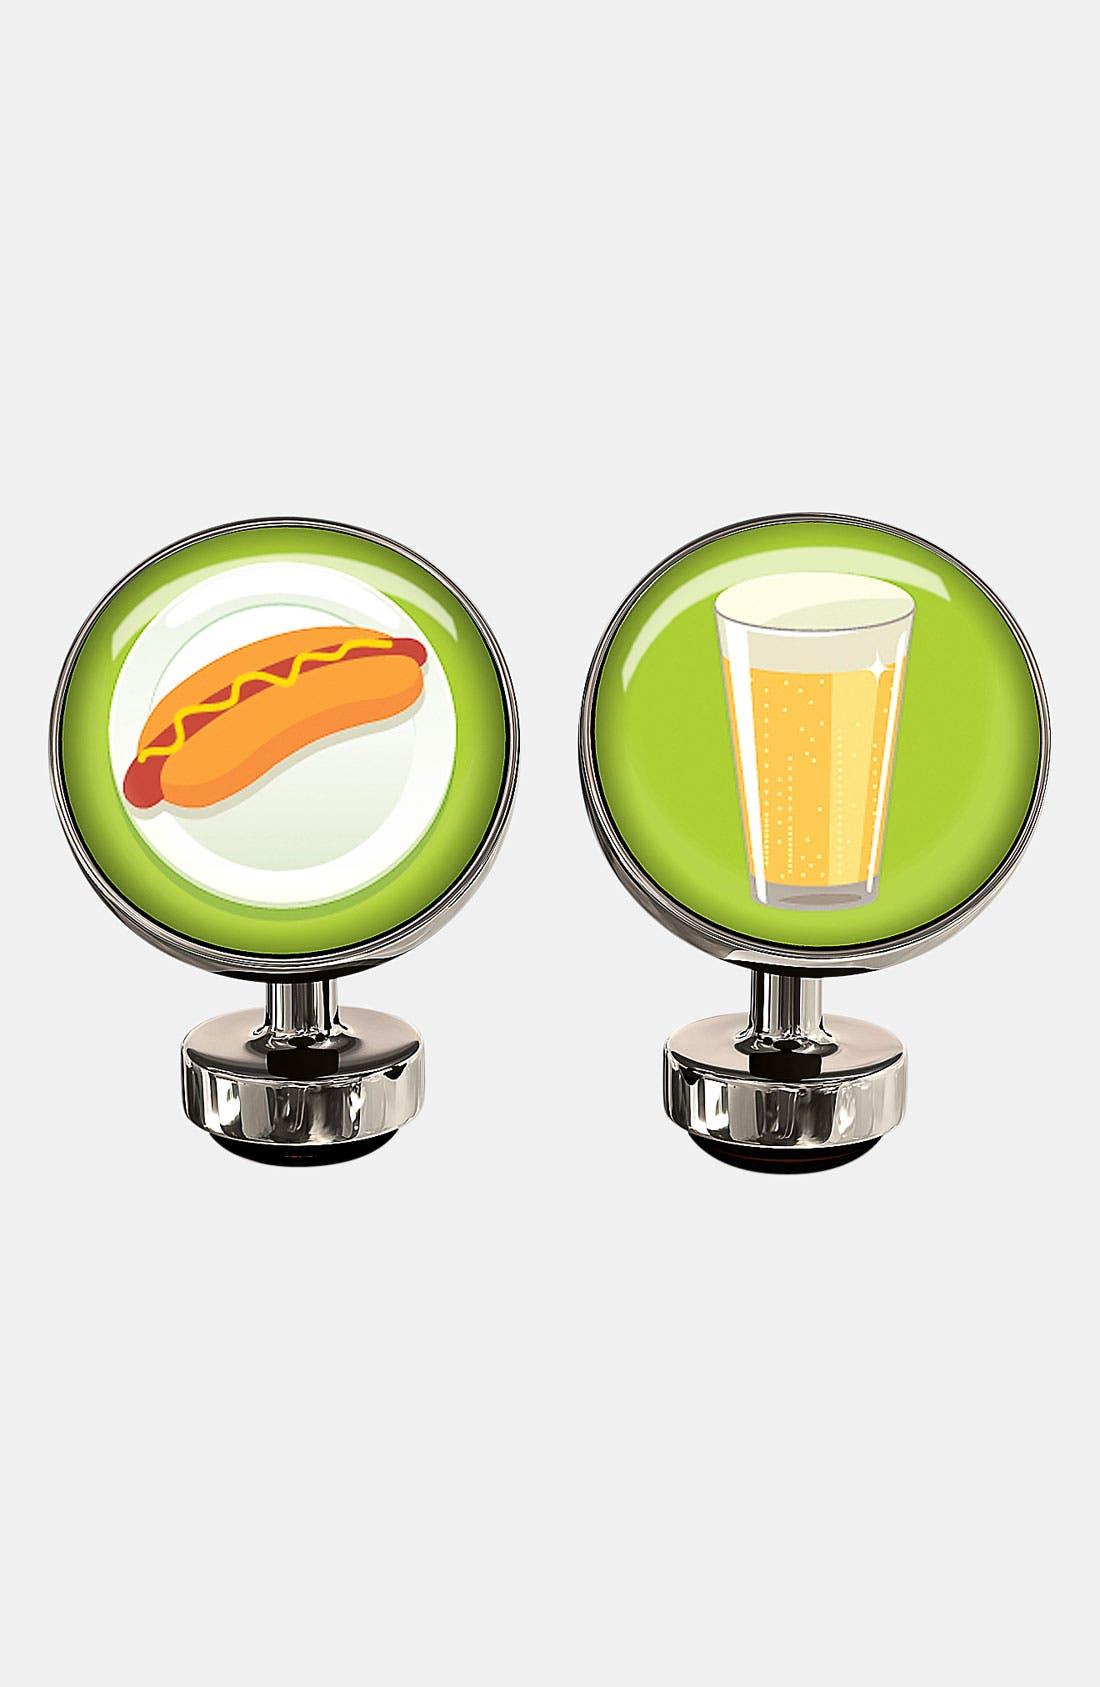 Alternate Image 1 Selected - Würkin Stiffs 'Hot Dog & Beer' Round Cuff Links